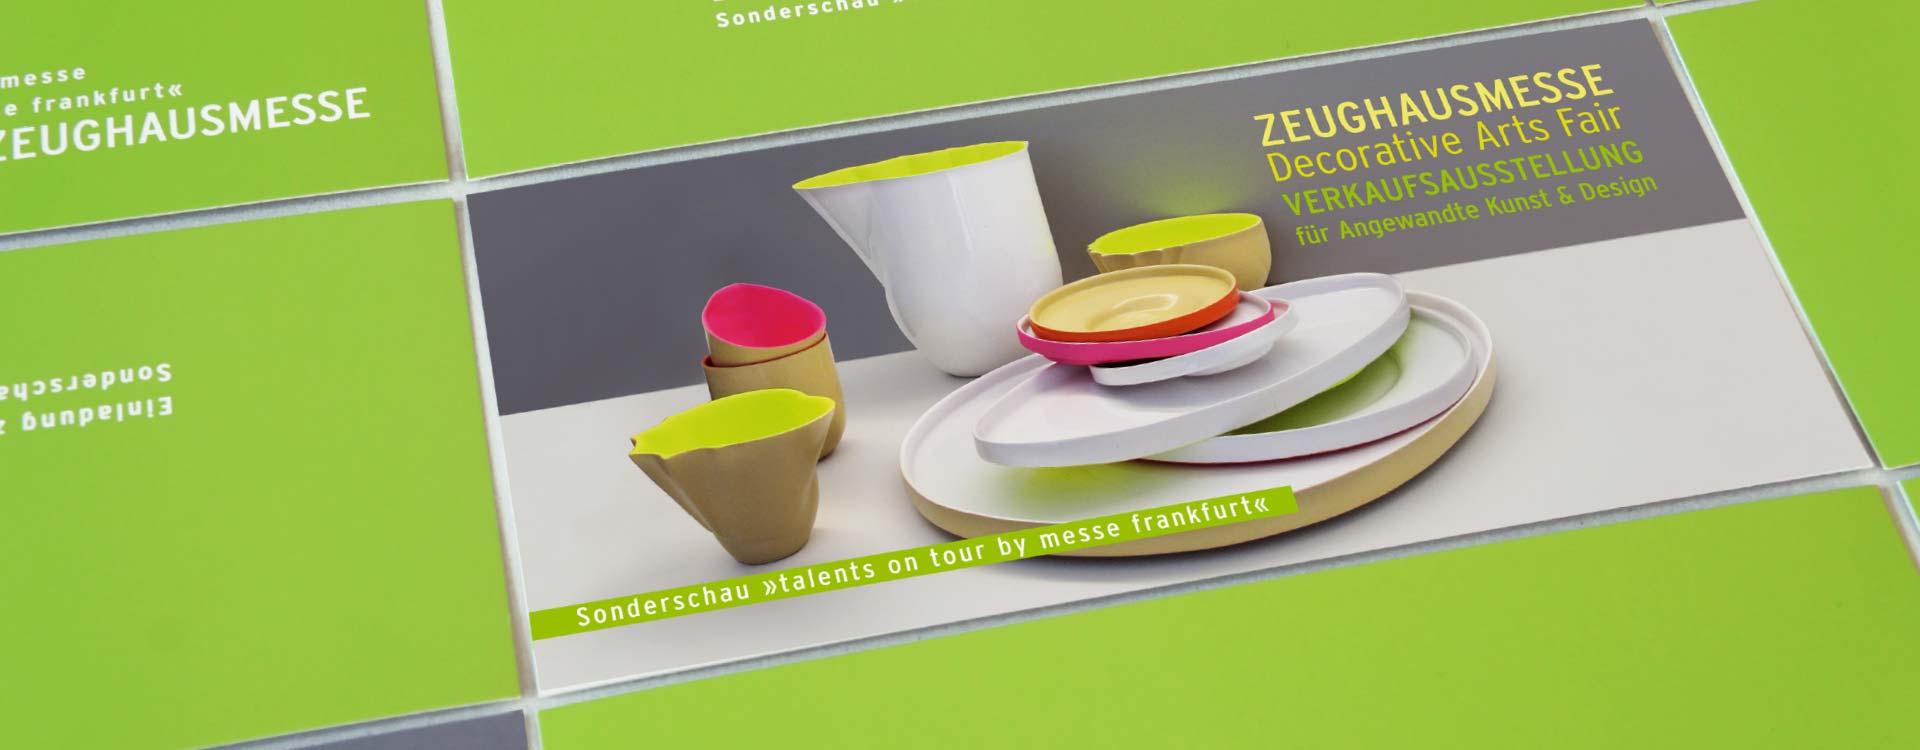 Invitation cards for Zeughausmesse; Design: Kattrin Richter | Graphic Design Studio